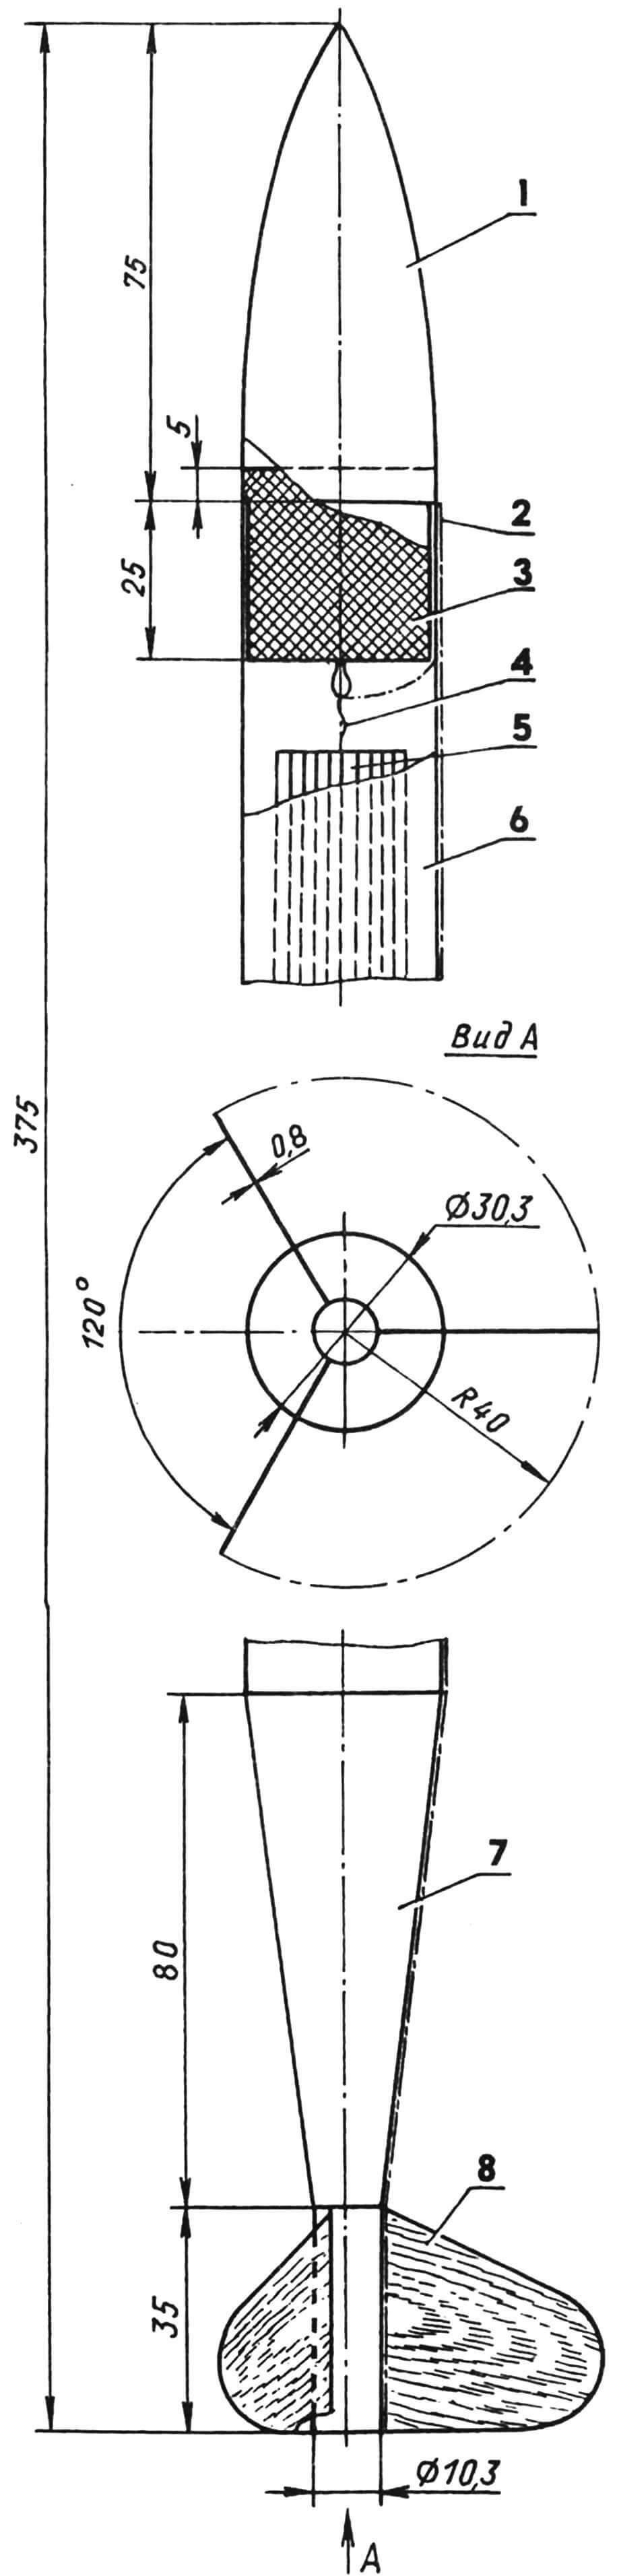 Модель ракеты класса S6A